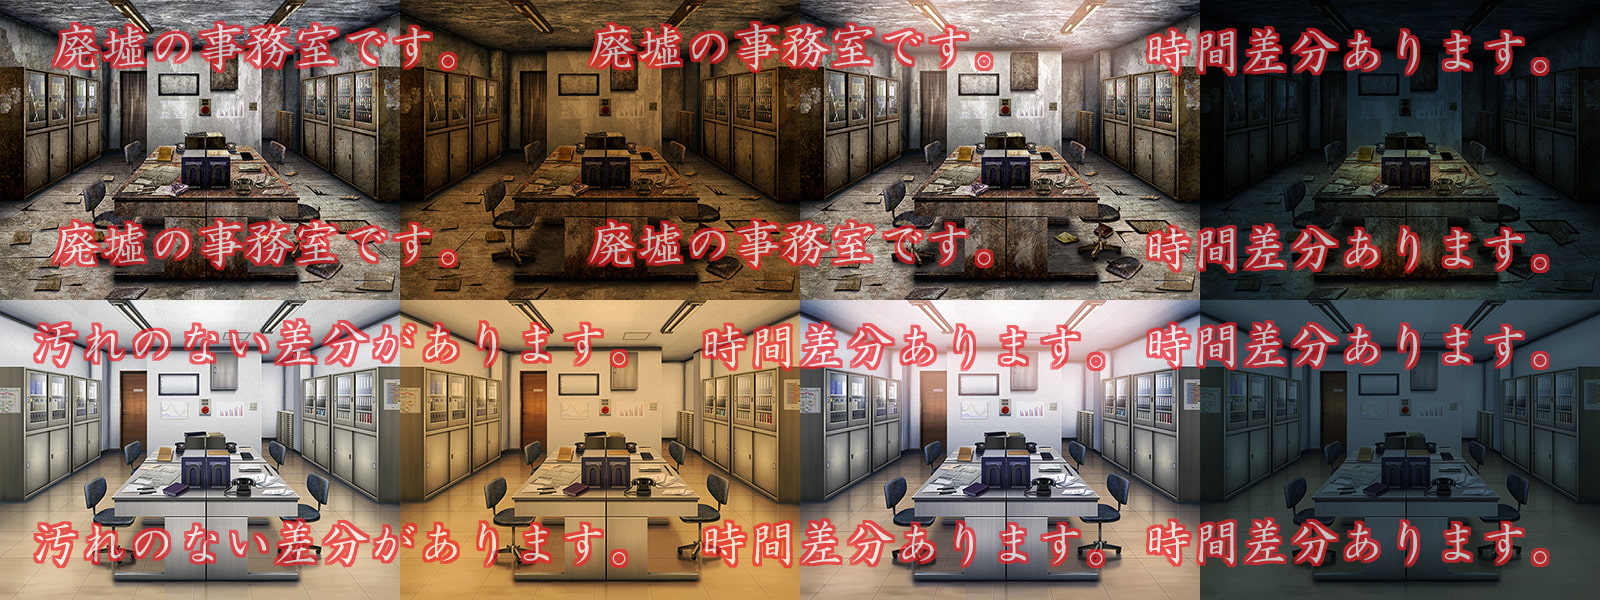 著作権フリー背景CG素材「廃墟事務室」